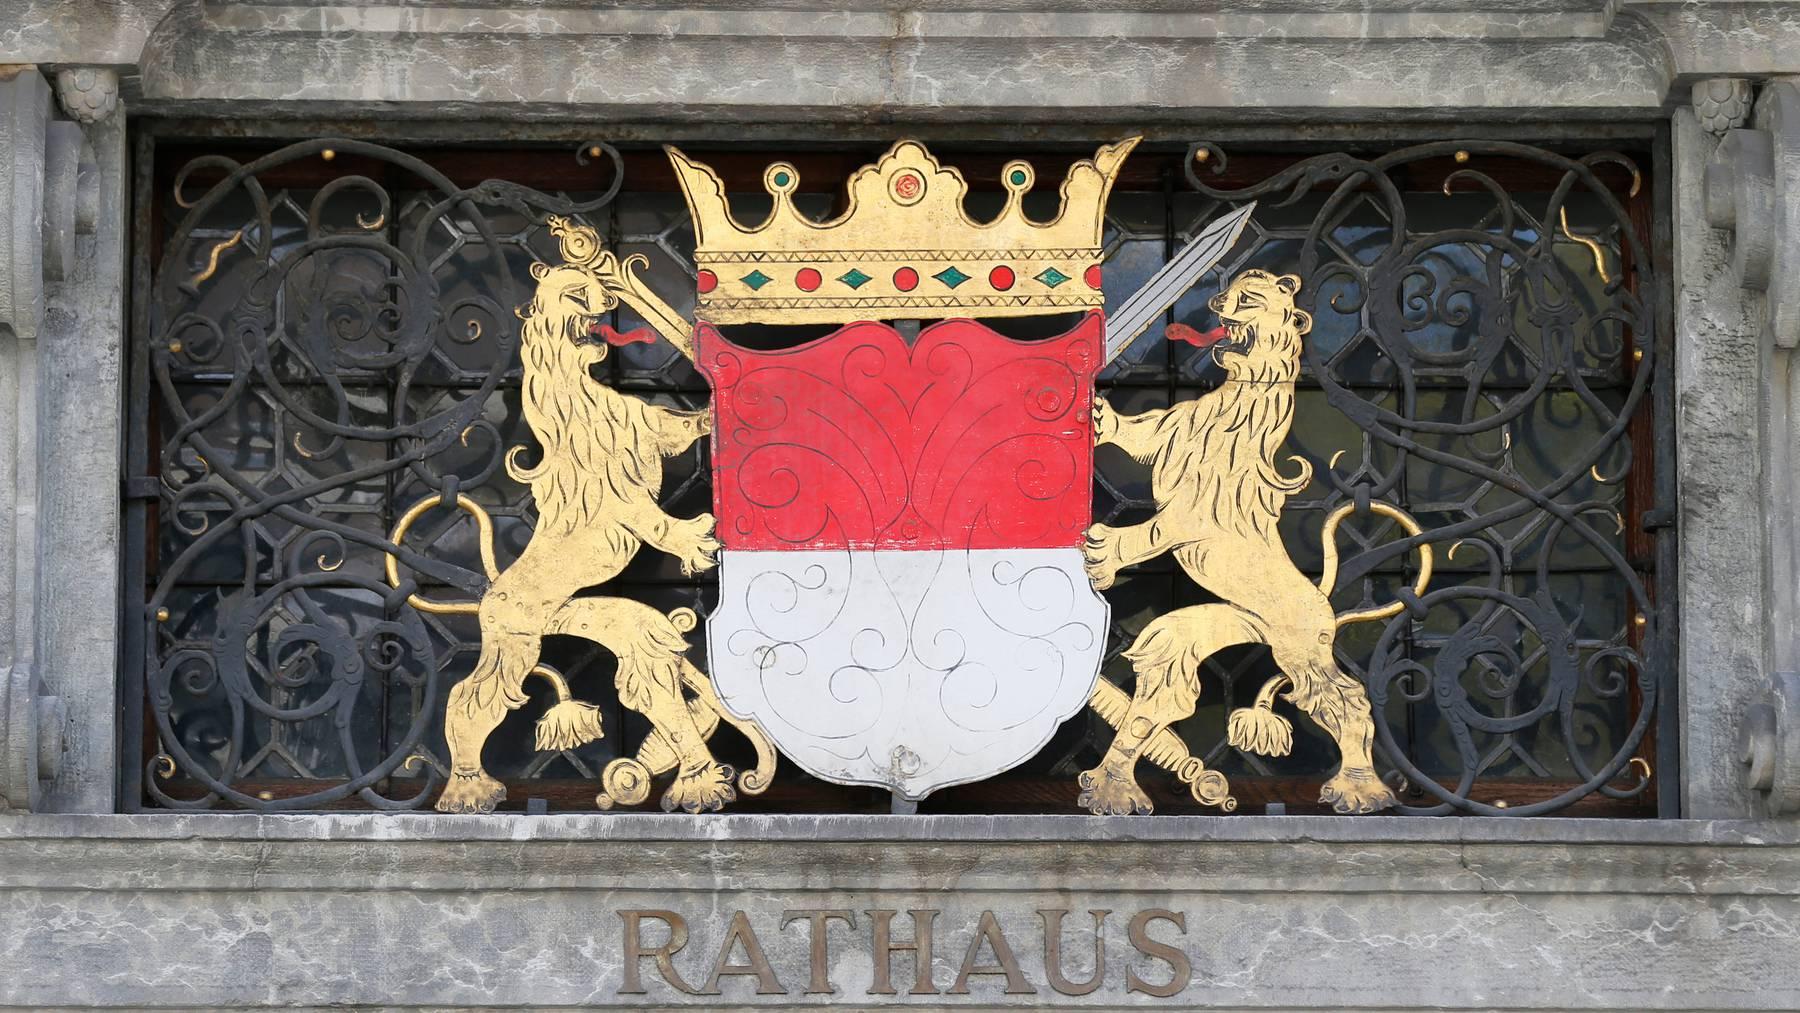 Der Kanton Solothurn verlängert seine Corona-Massnahmen bis Ende 2020. Grossveranstaltungen muss ab dem 1. Oktober der Kanton bewilligen.